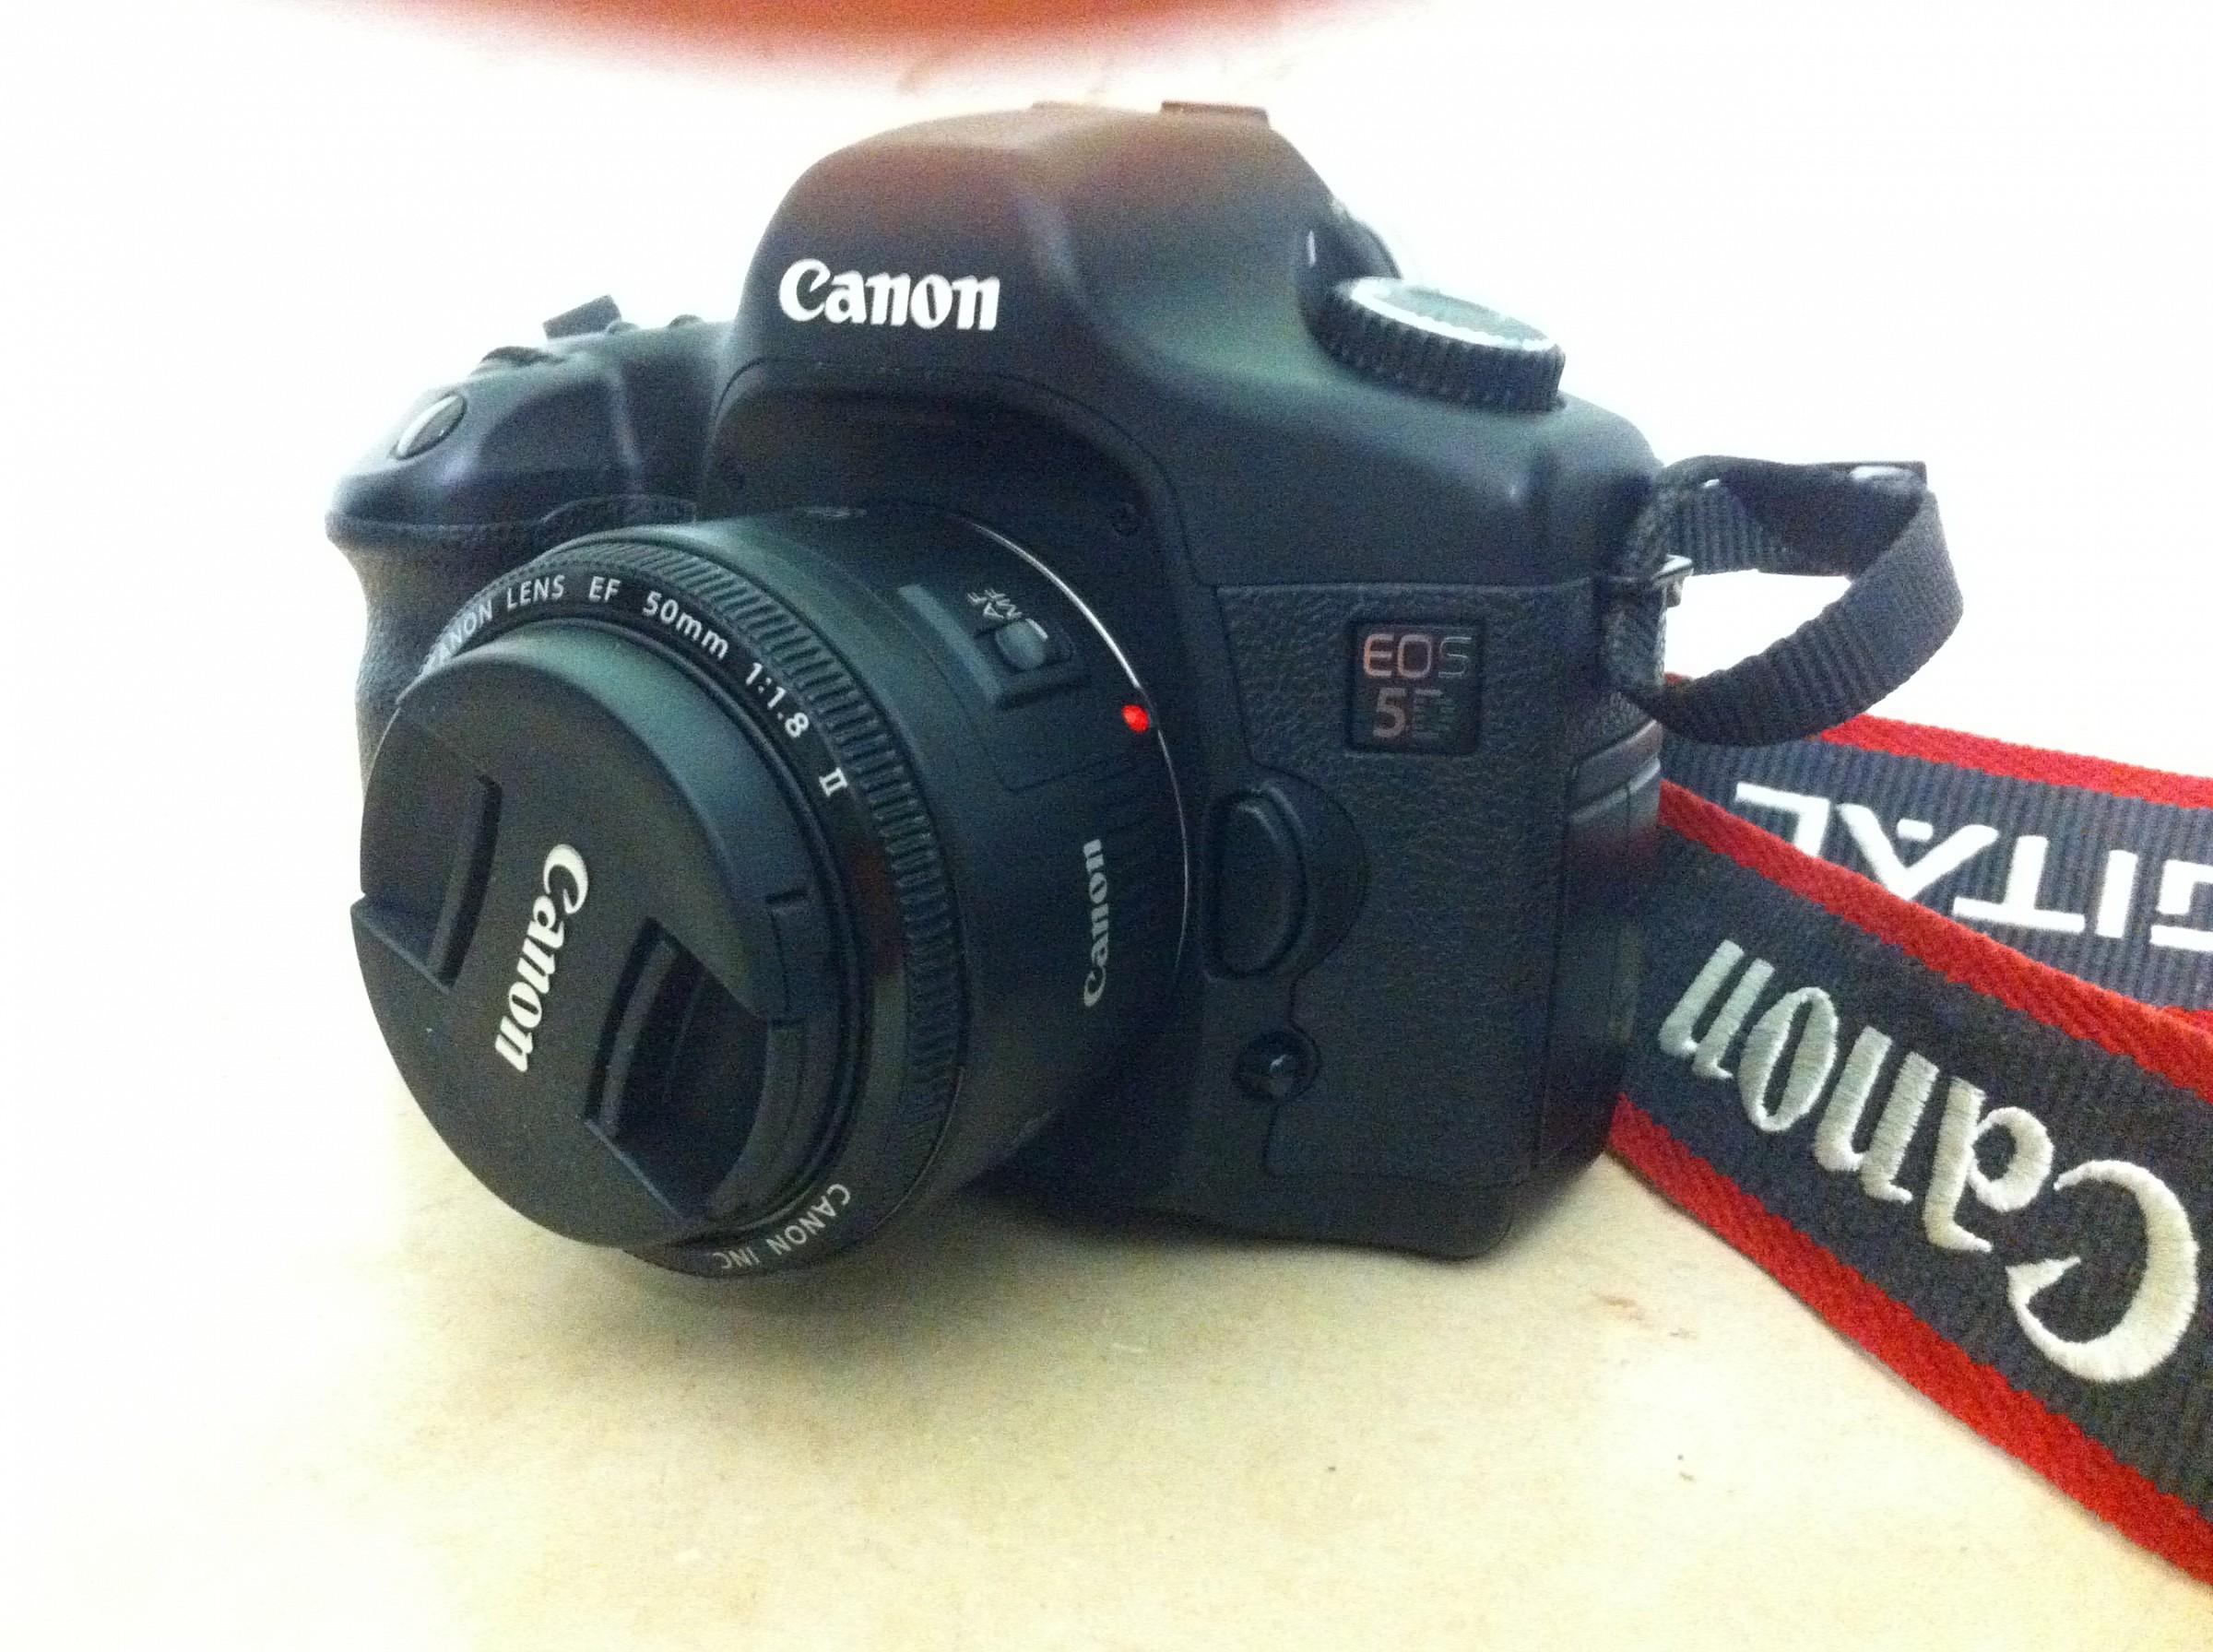 New camera!...